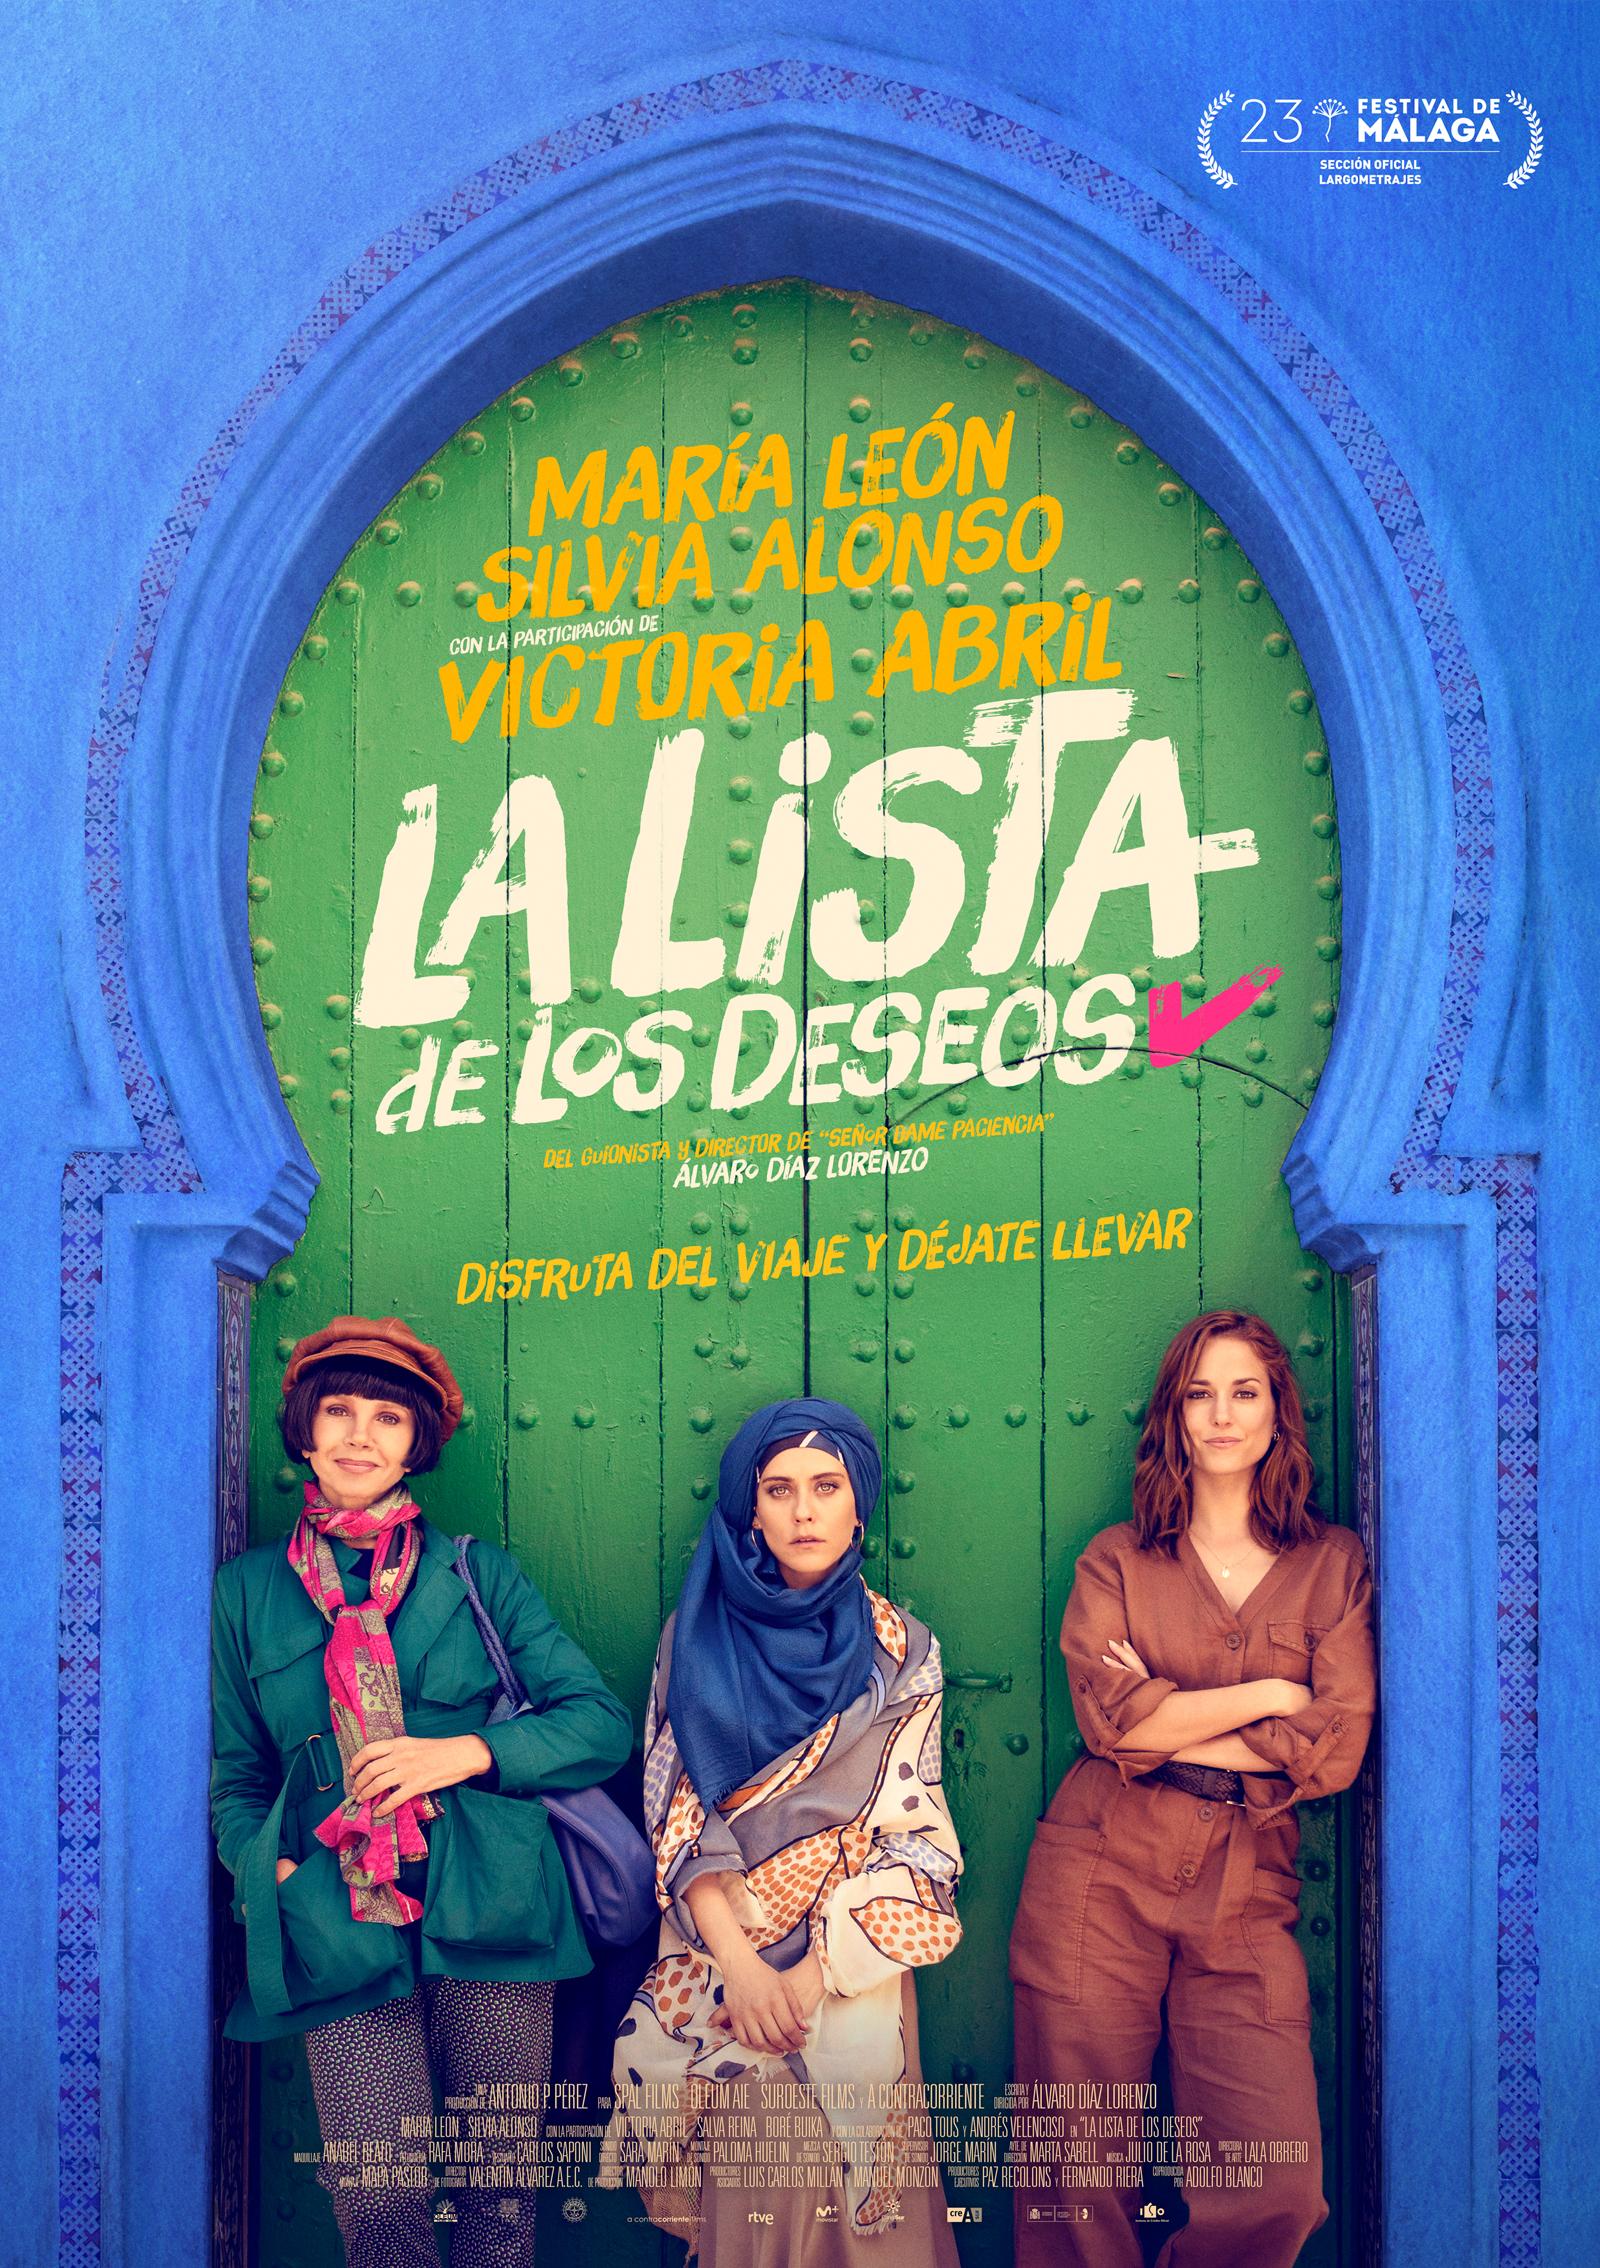 Pedro Cabañas - Design - LA LISTA DE LOS DESEOS